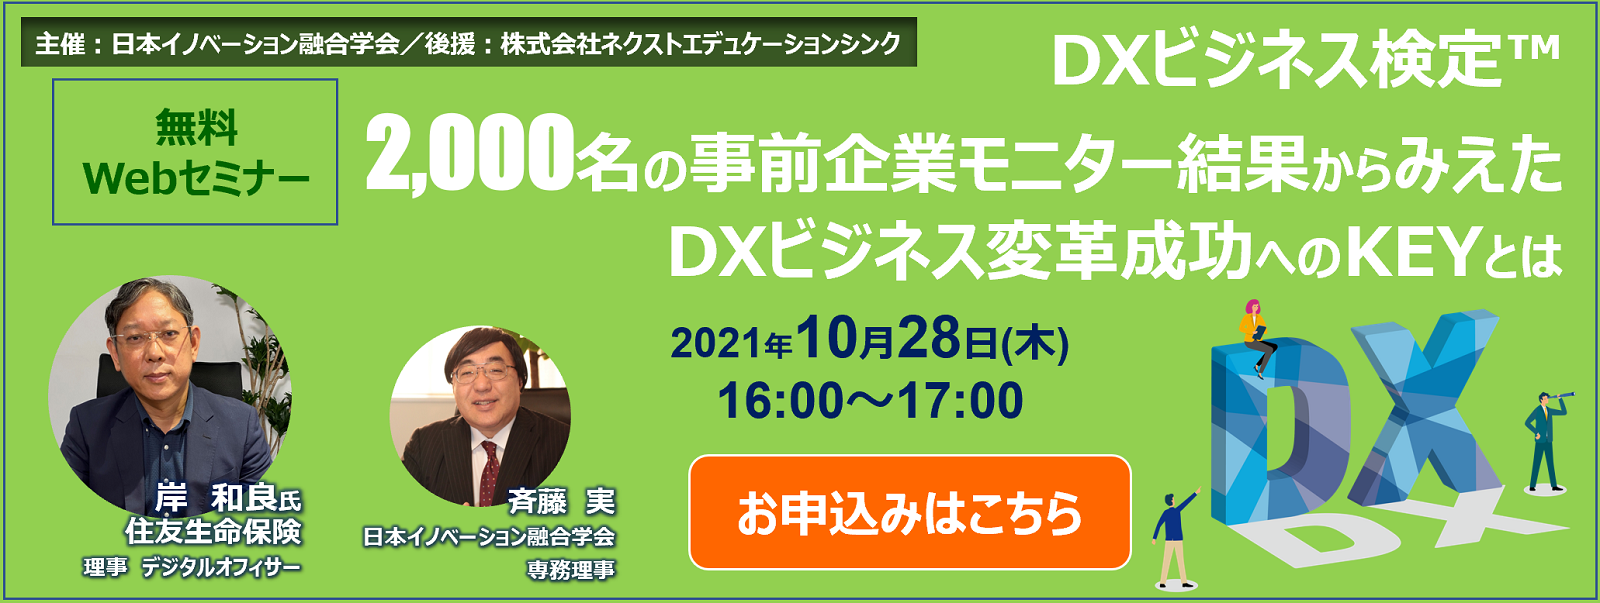 DXビジネス検定Webセミナー